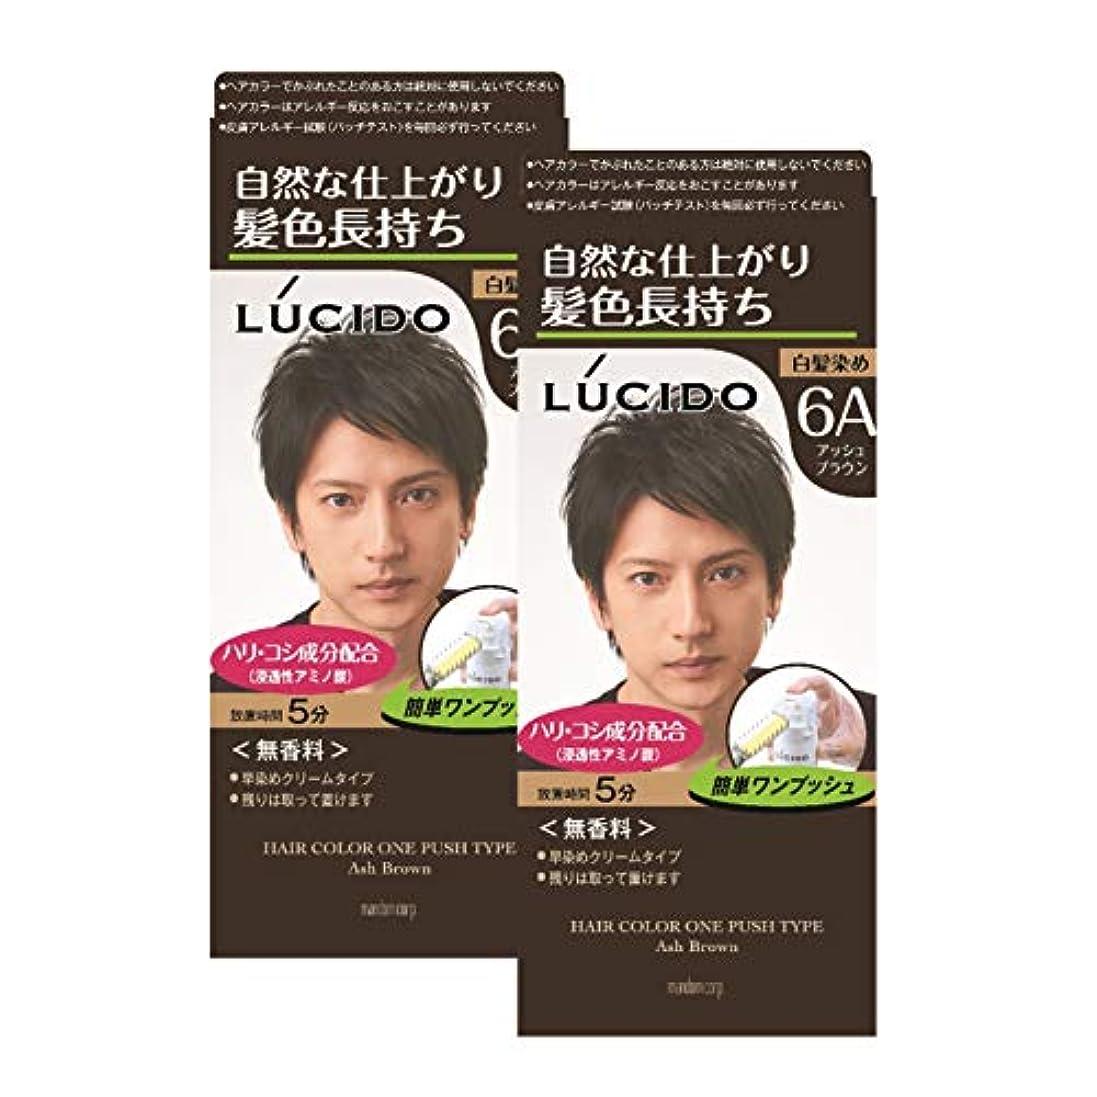 上がる夕方印をつけるLUCIDO(ルシード) ルシード ワンプッシュケアカラー アッシュブラウン (医薬部外品) 白髪染め 2個パック